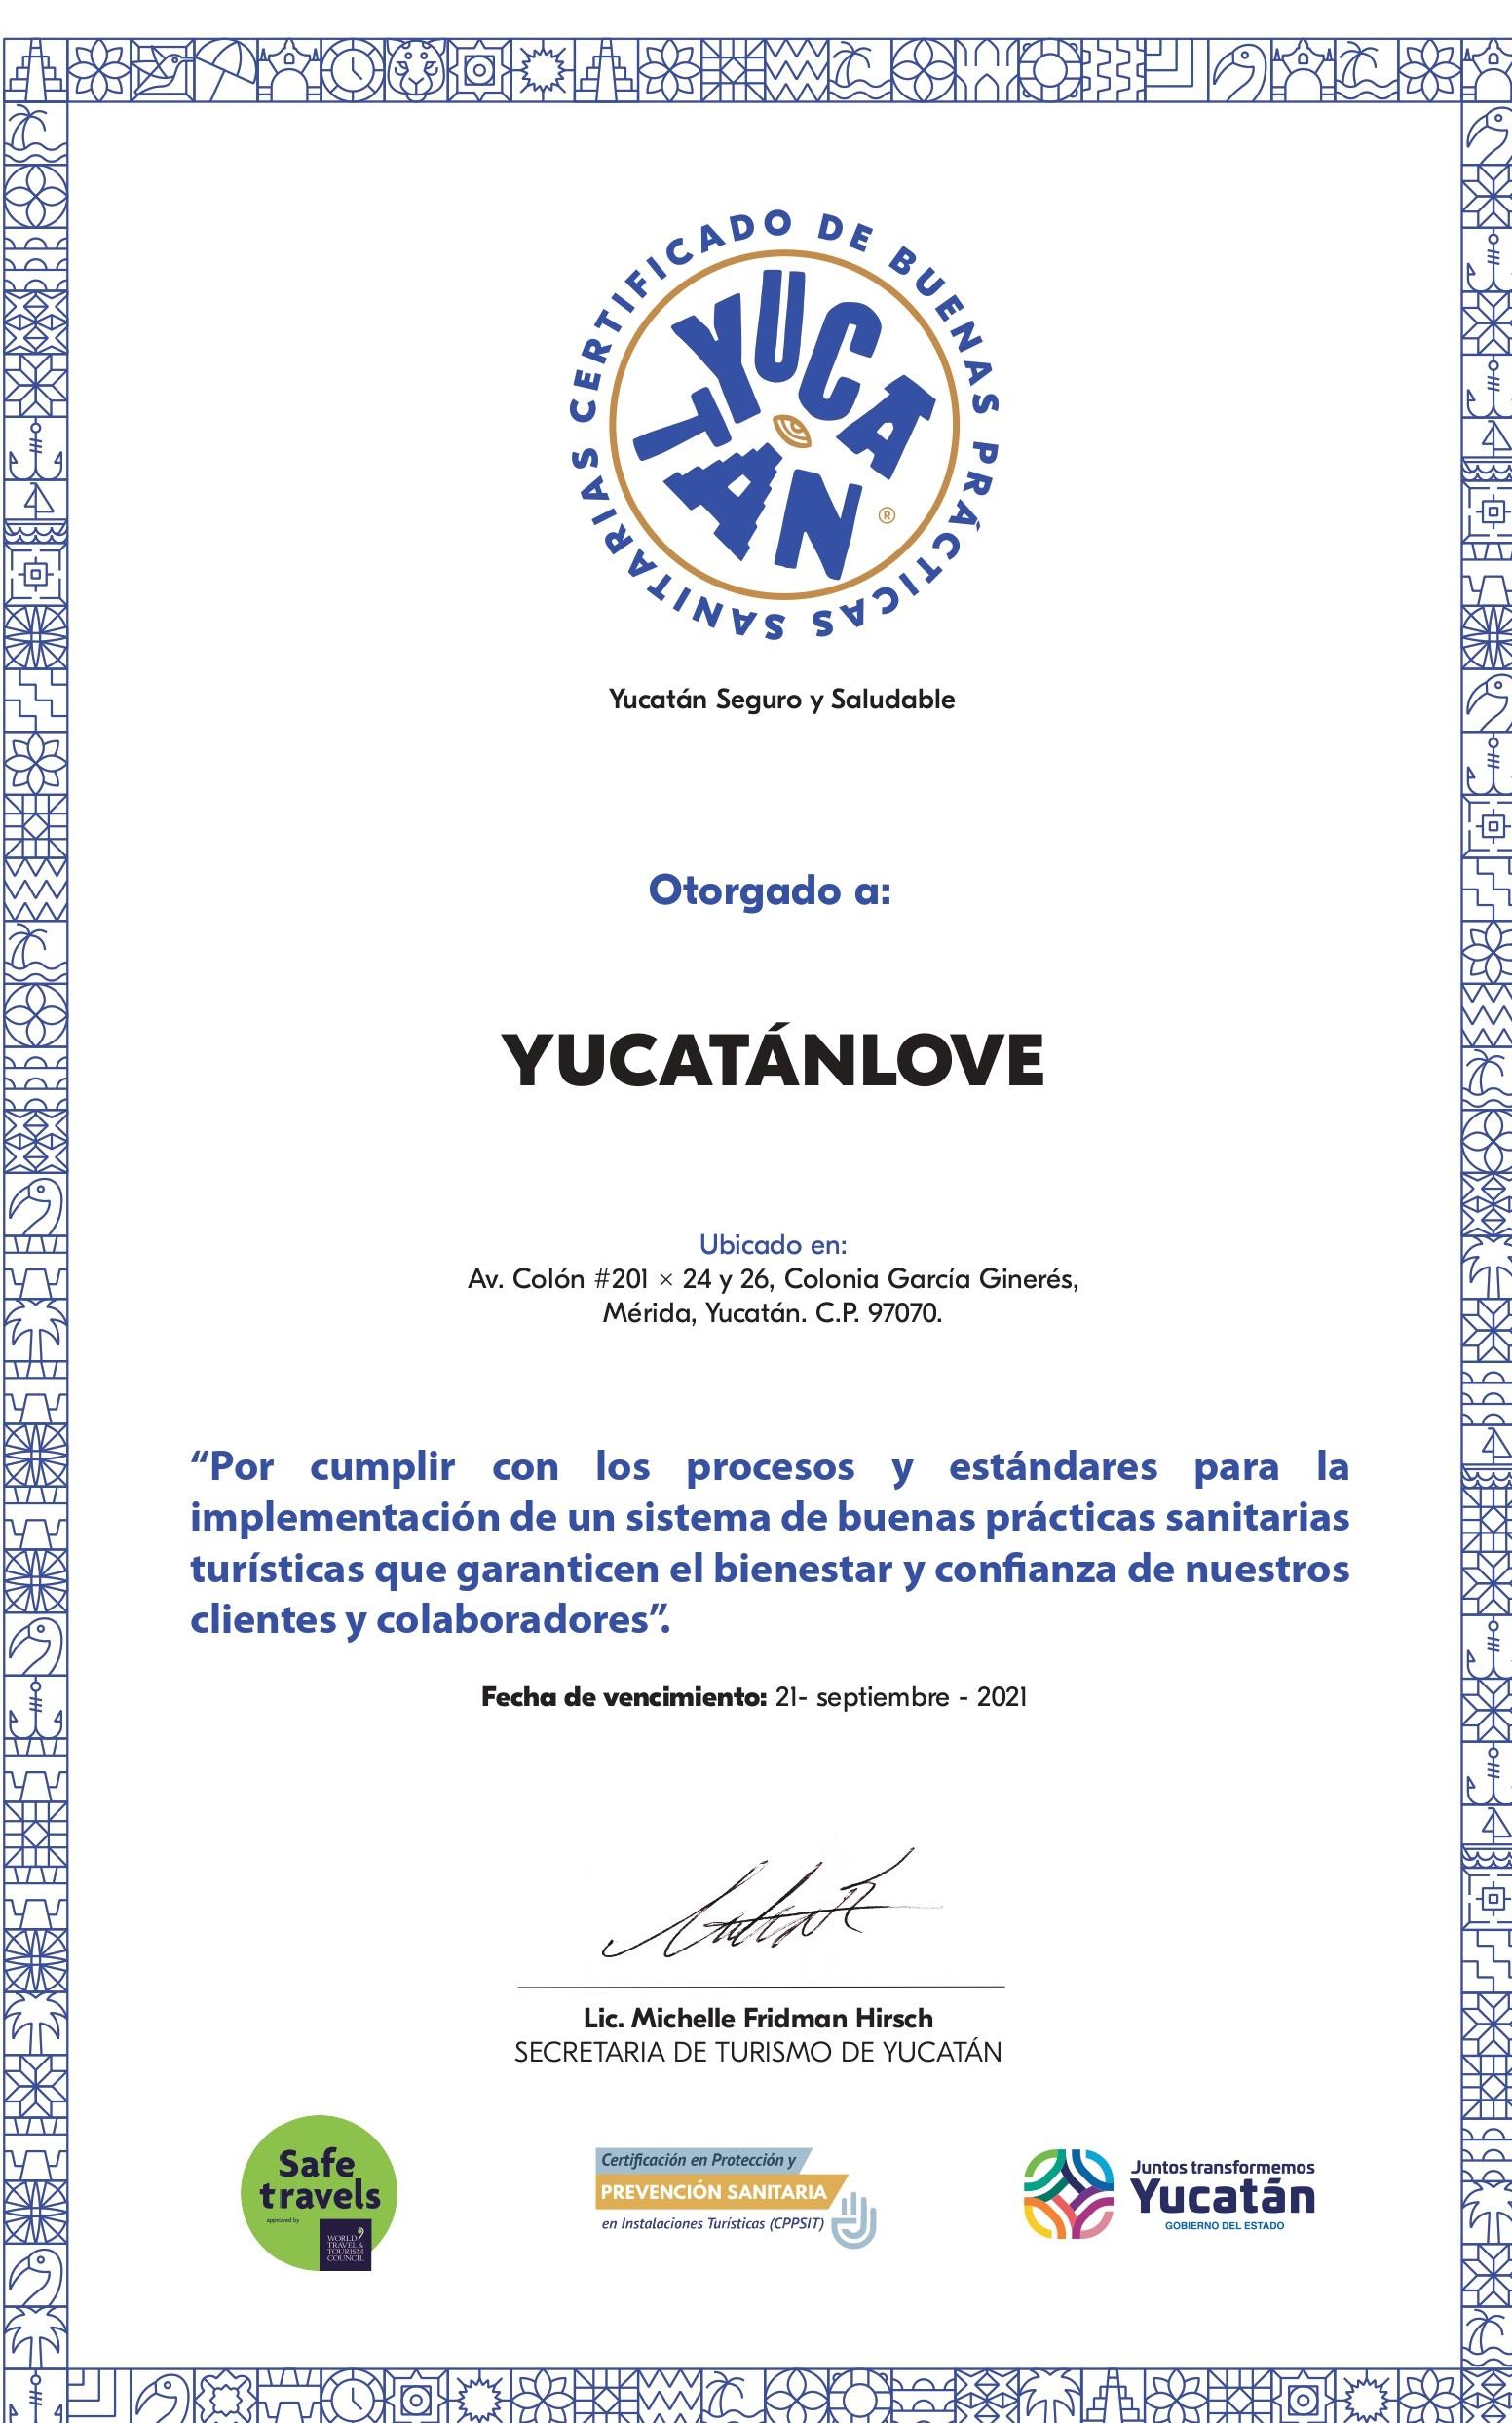 certificado de buenas practicas